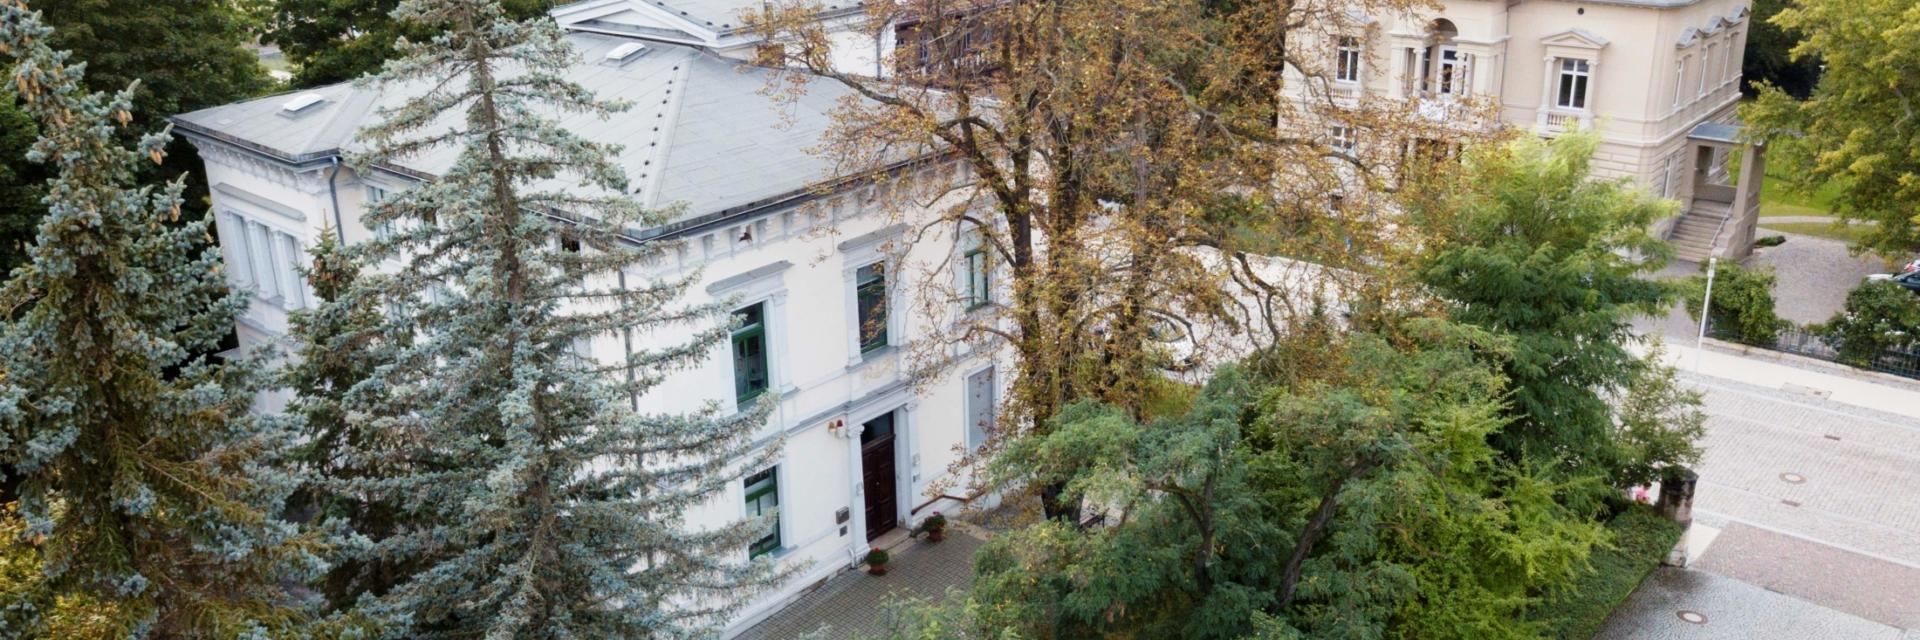 Luftansicht vom Kunsthaus Apolda von Bäumen umgeben © Landratsamt Weimarer Land, Foto: Michael Kremer